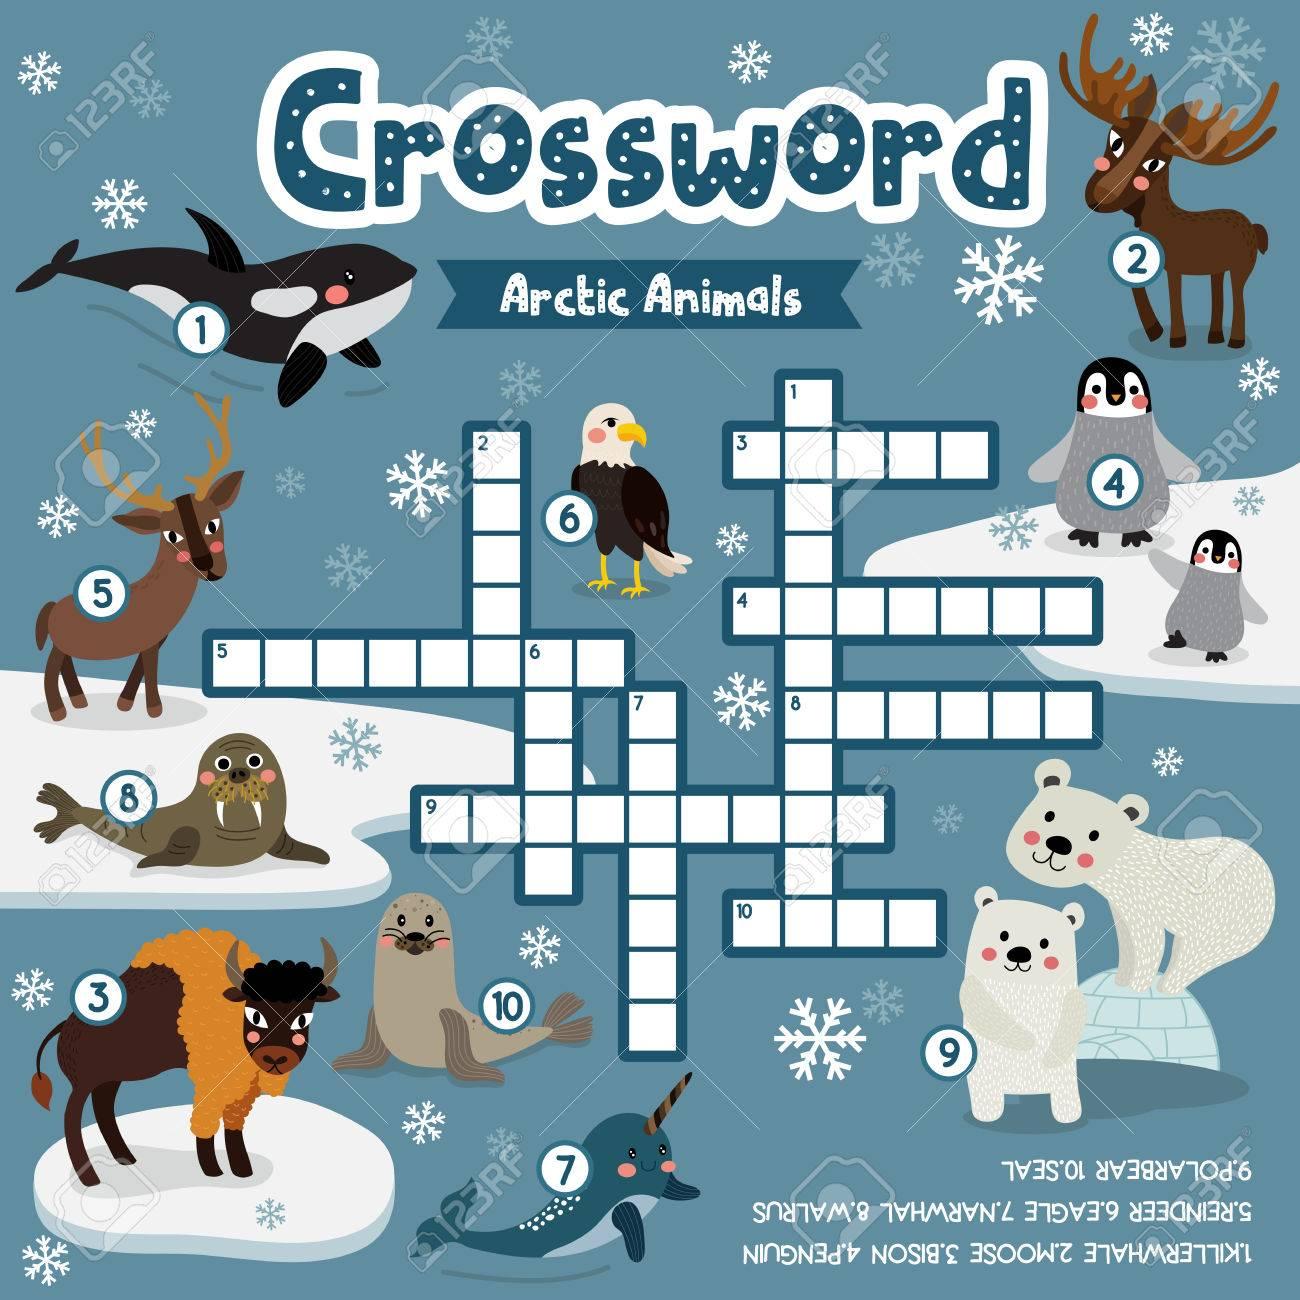 Kreuzworträtsel-Spiel Der Arktischen Tiere Für Vorschulkinder ...